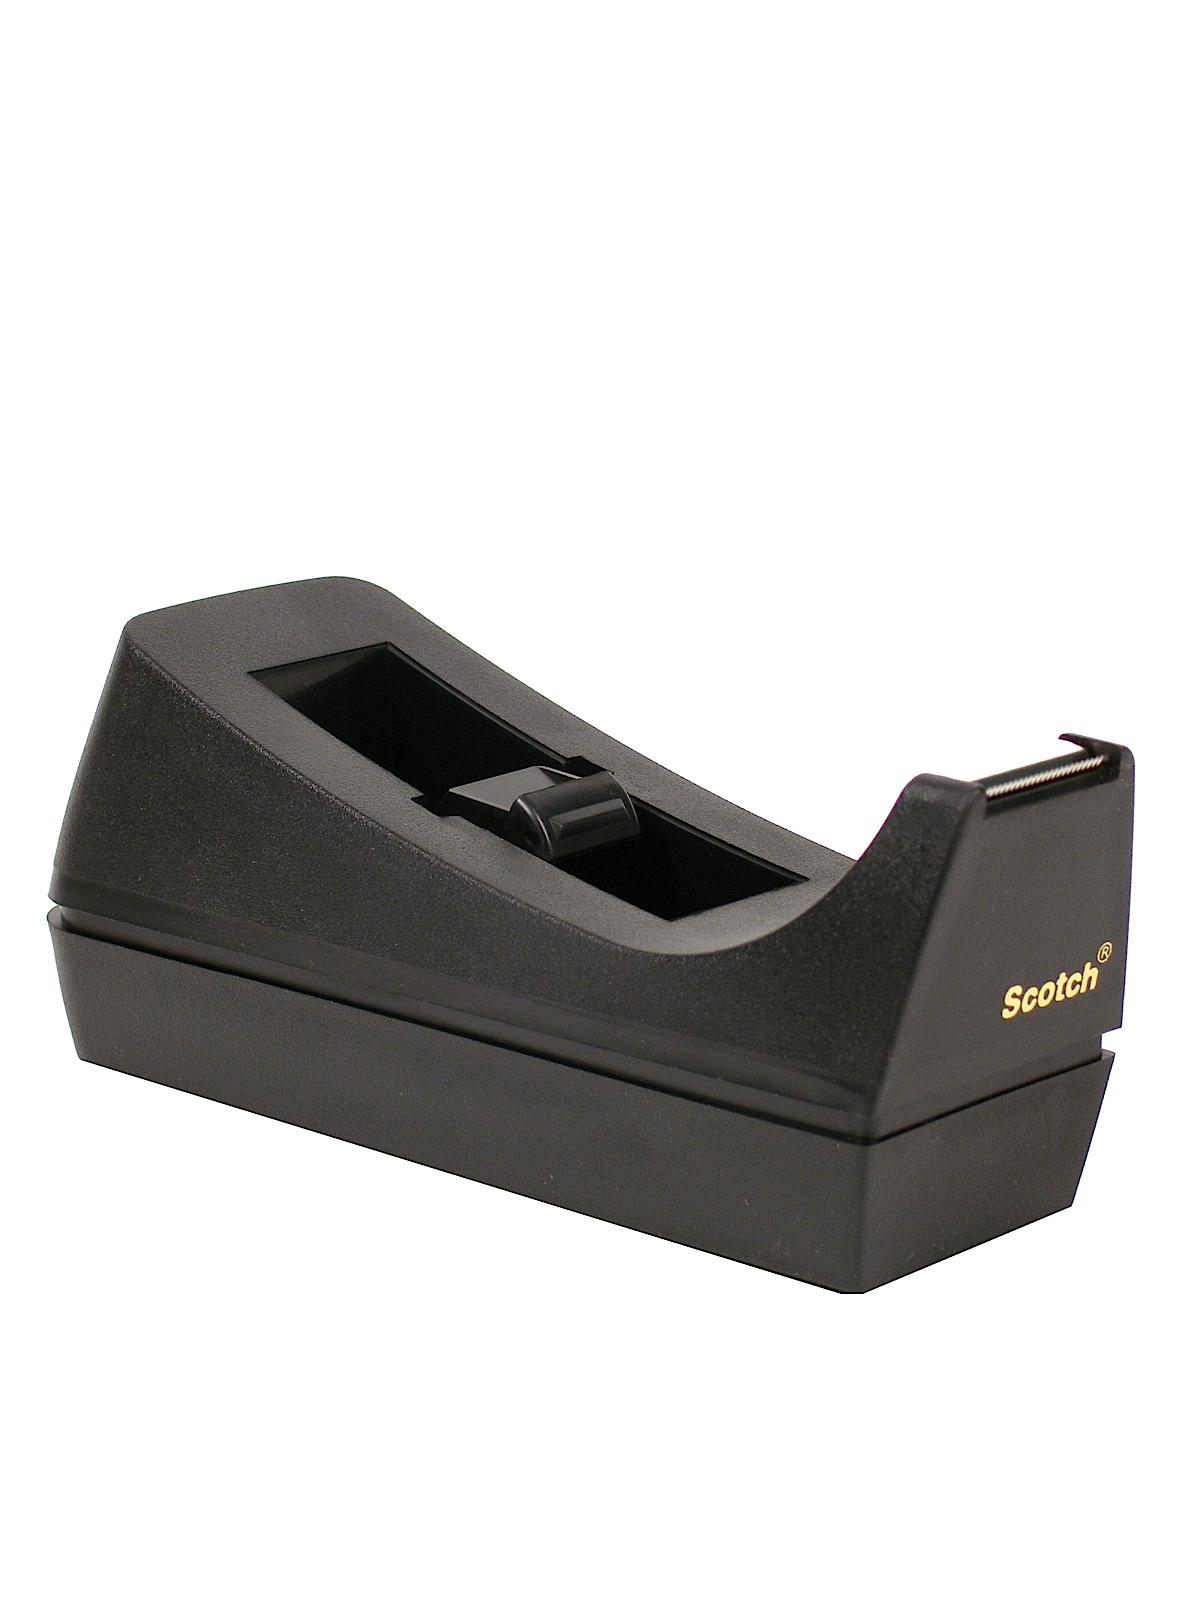 Scotch Desk Tape Dispenser C-38